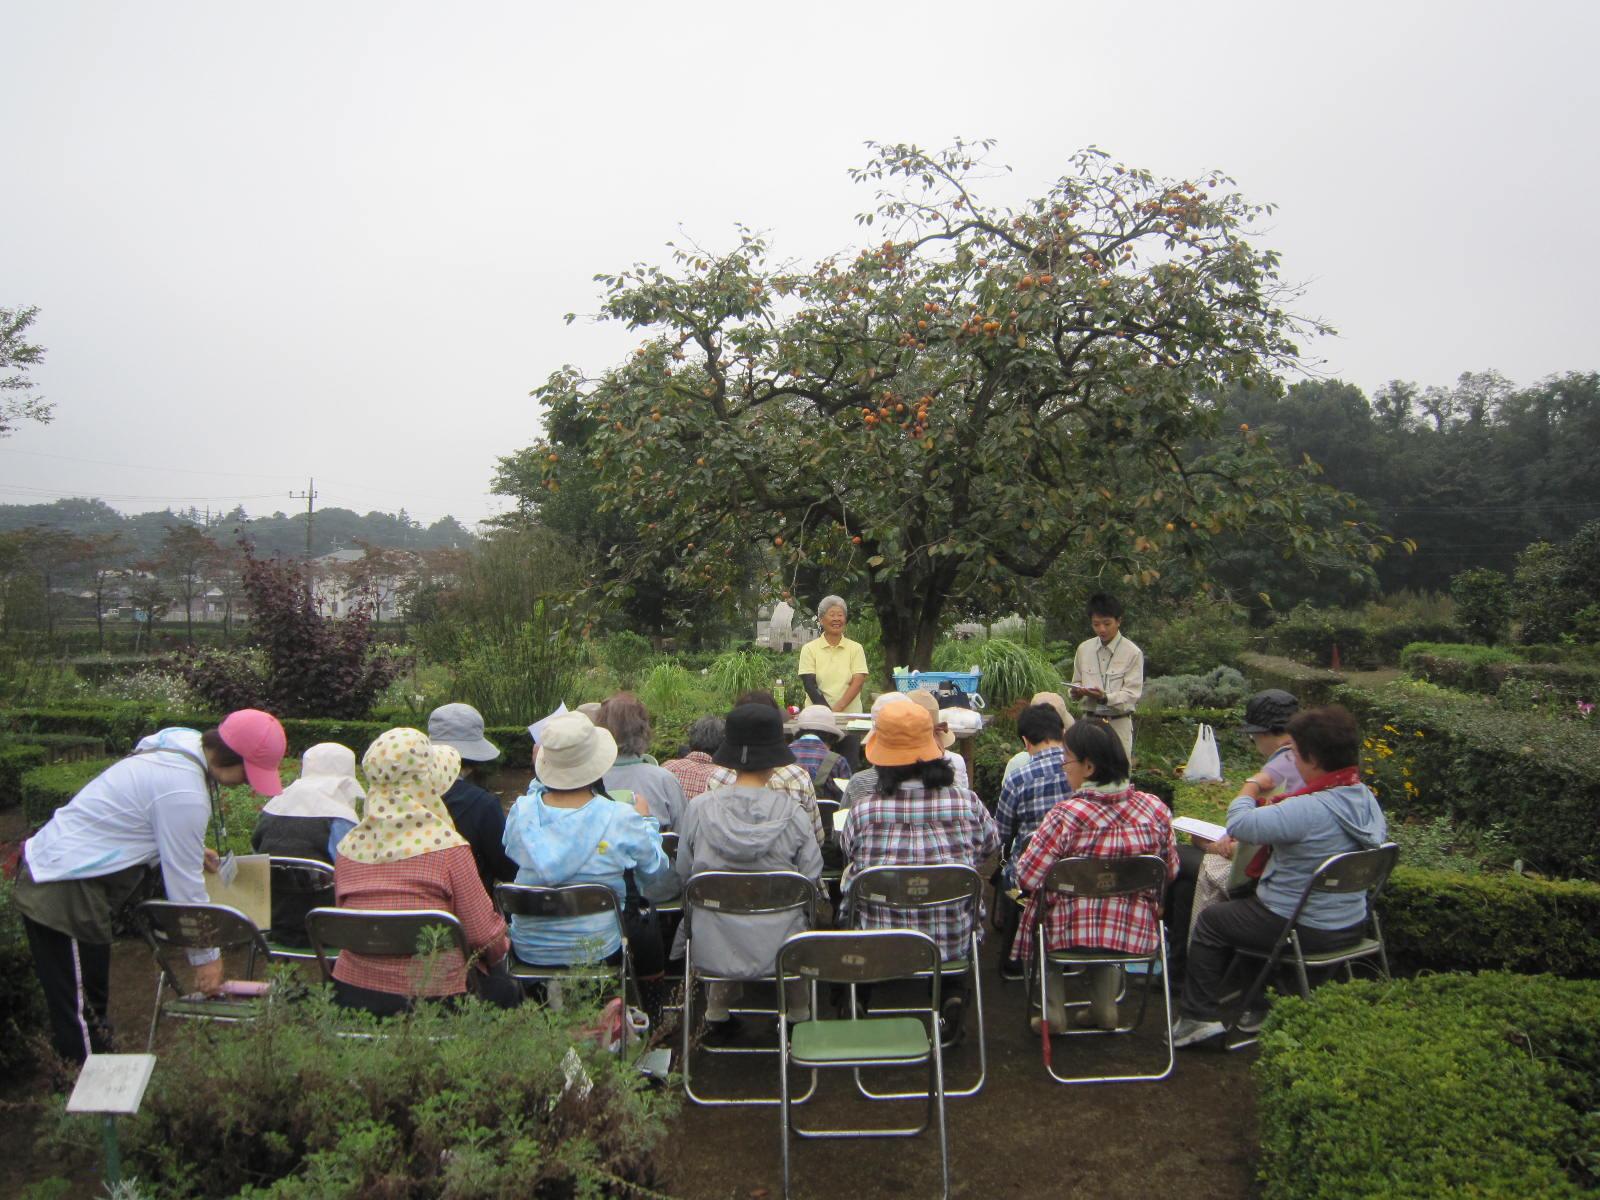 ハーブボランティア講習会